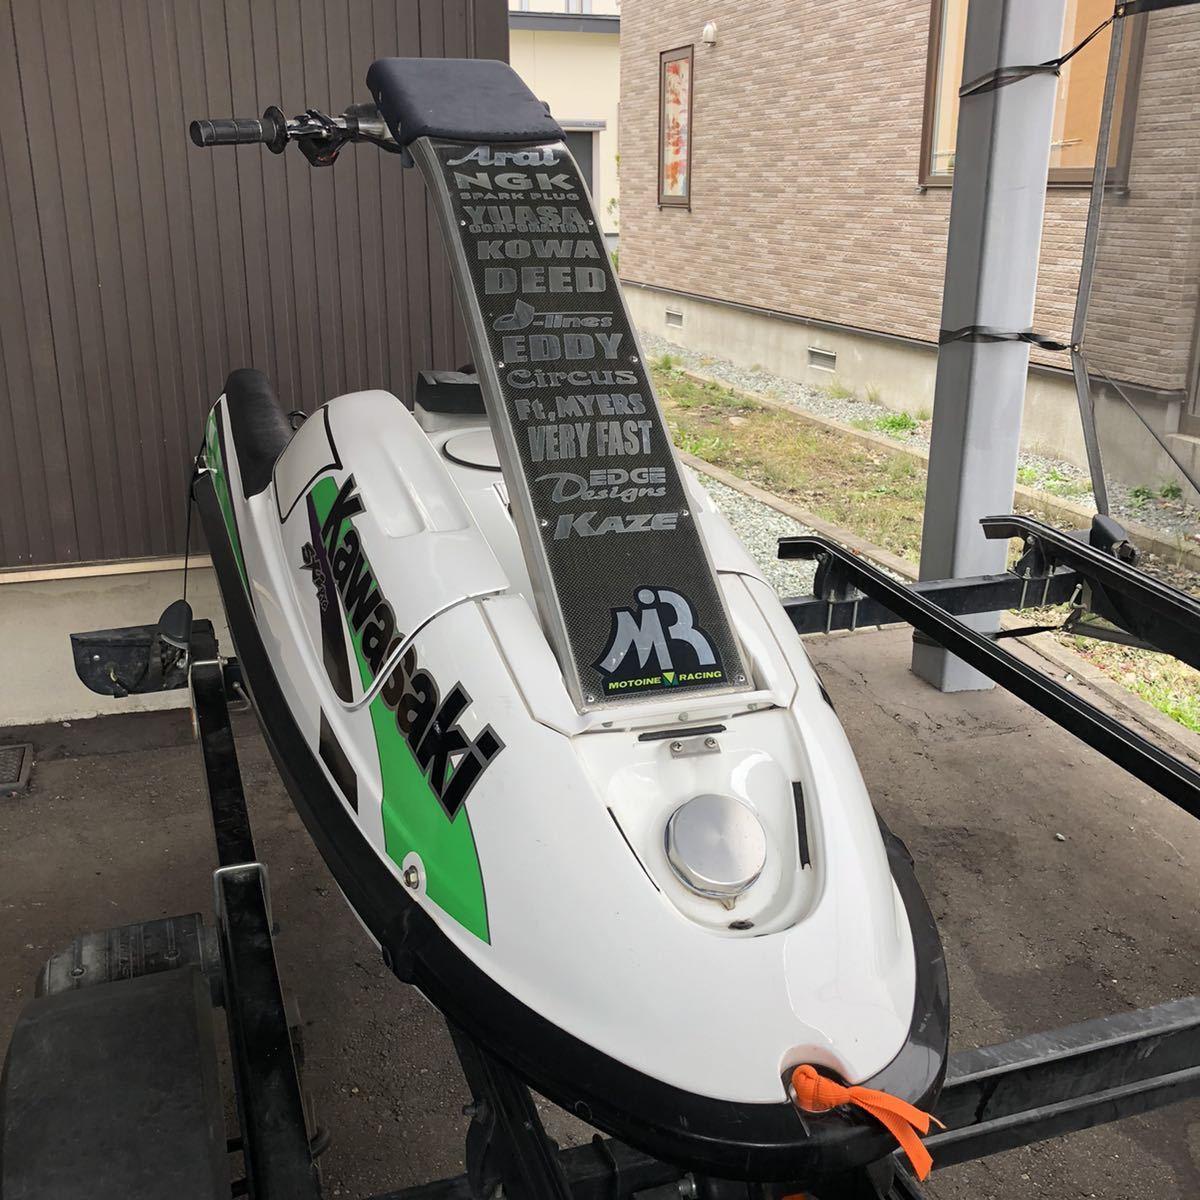 「カワサキ 750 sxi pro 改 800 」の画像1